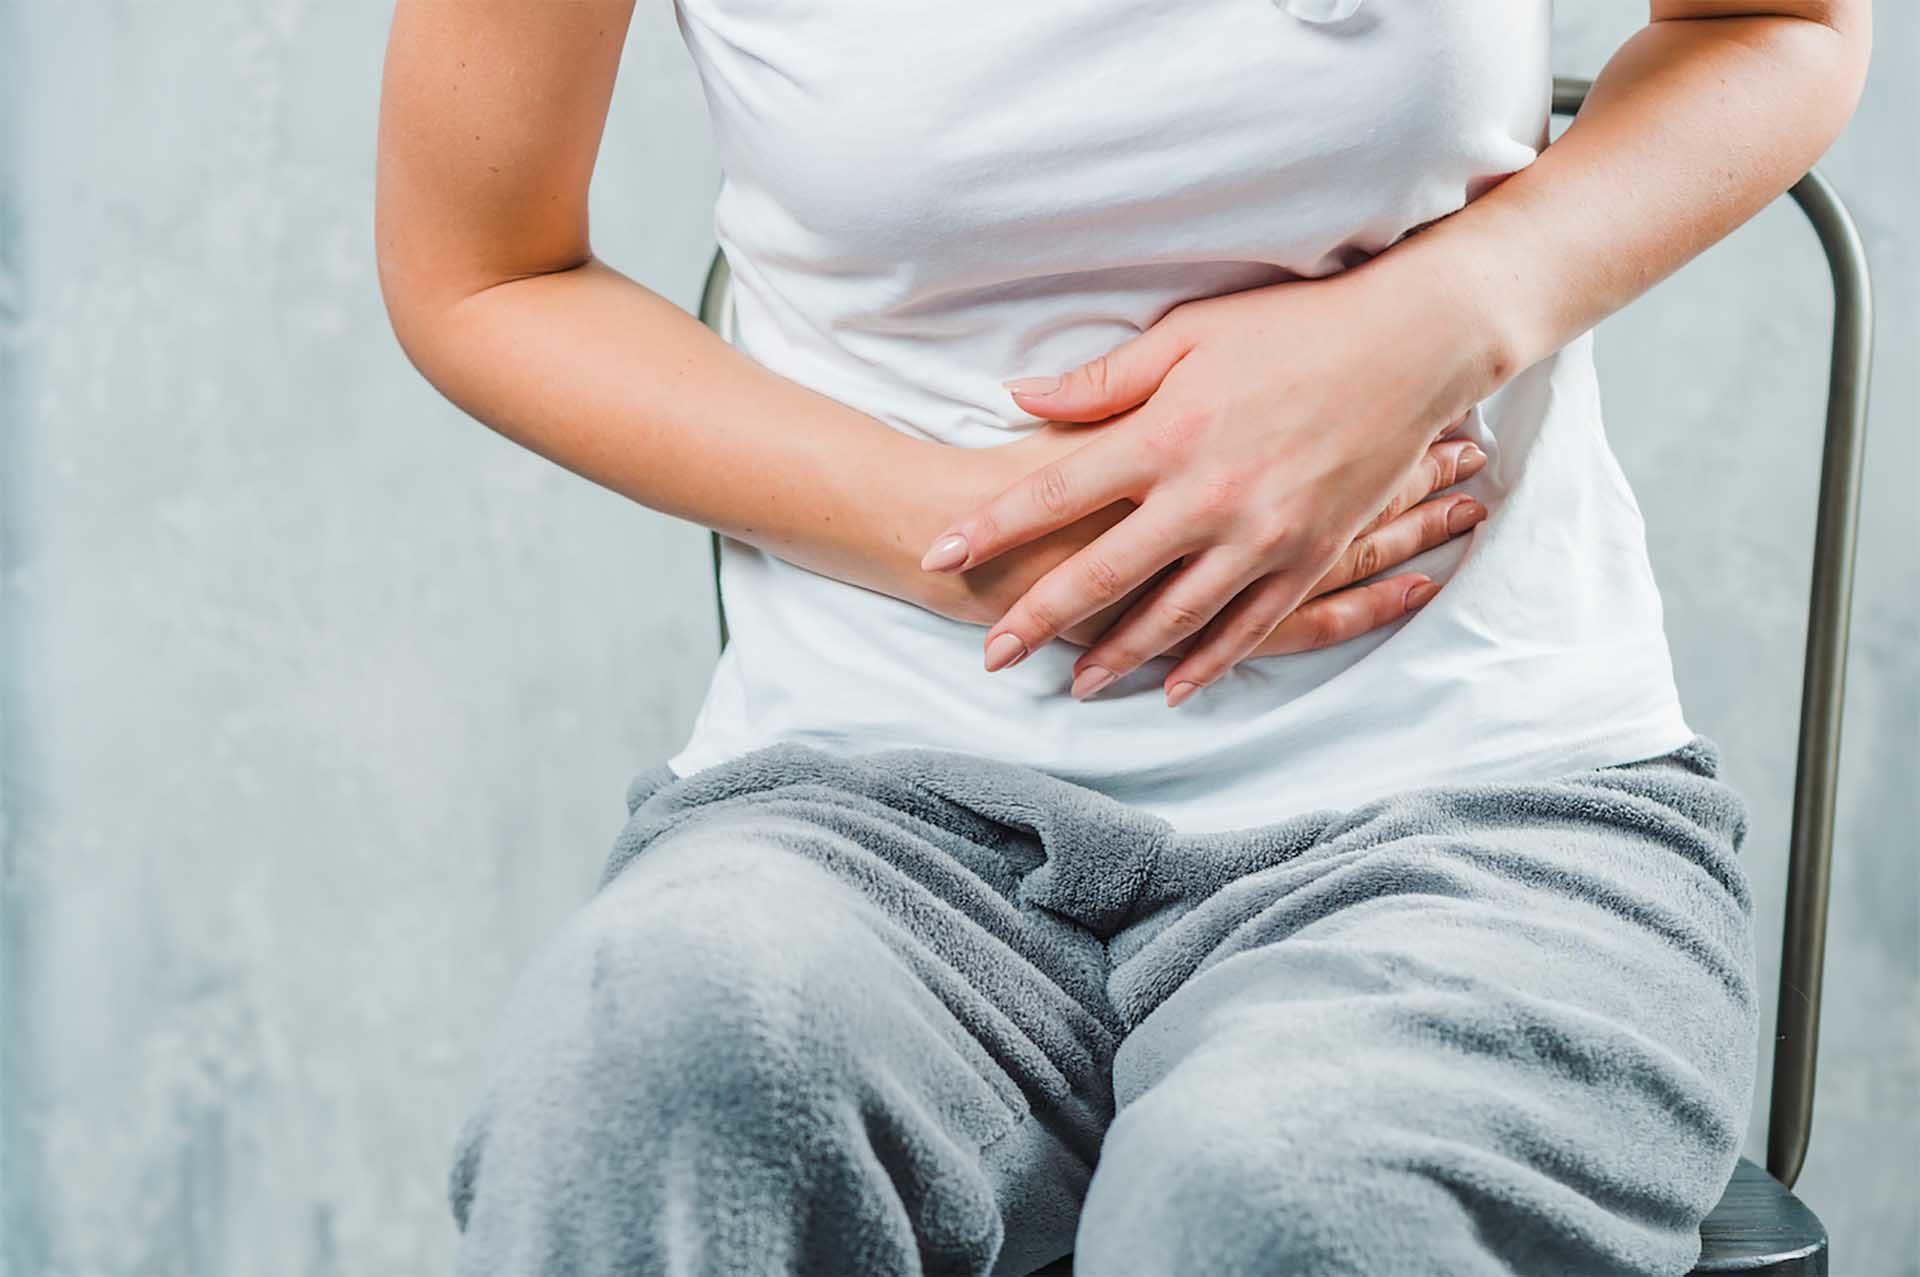 cancer de pancreas ultimos sintomas hpv vaccine cervical cancer risk